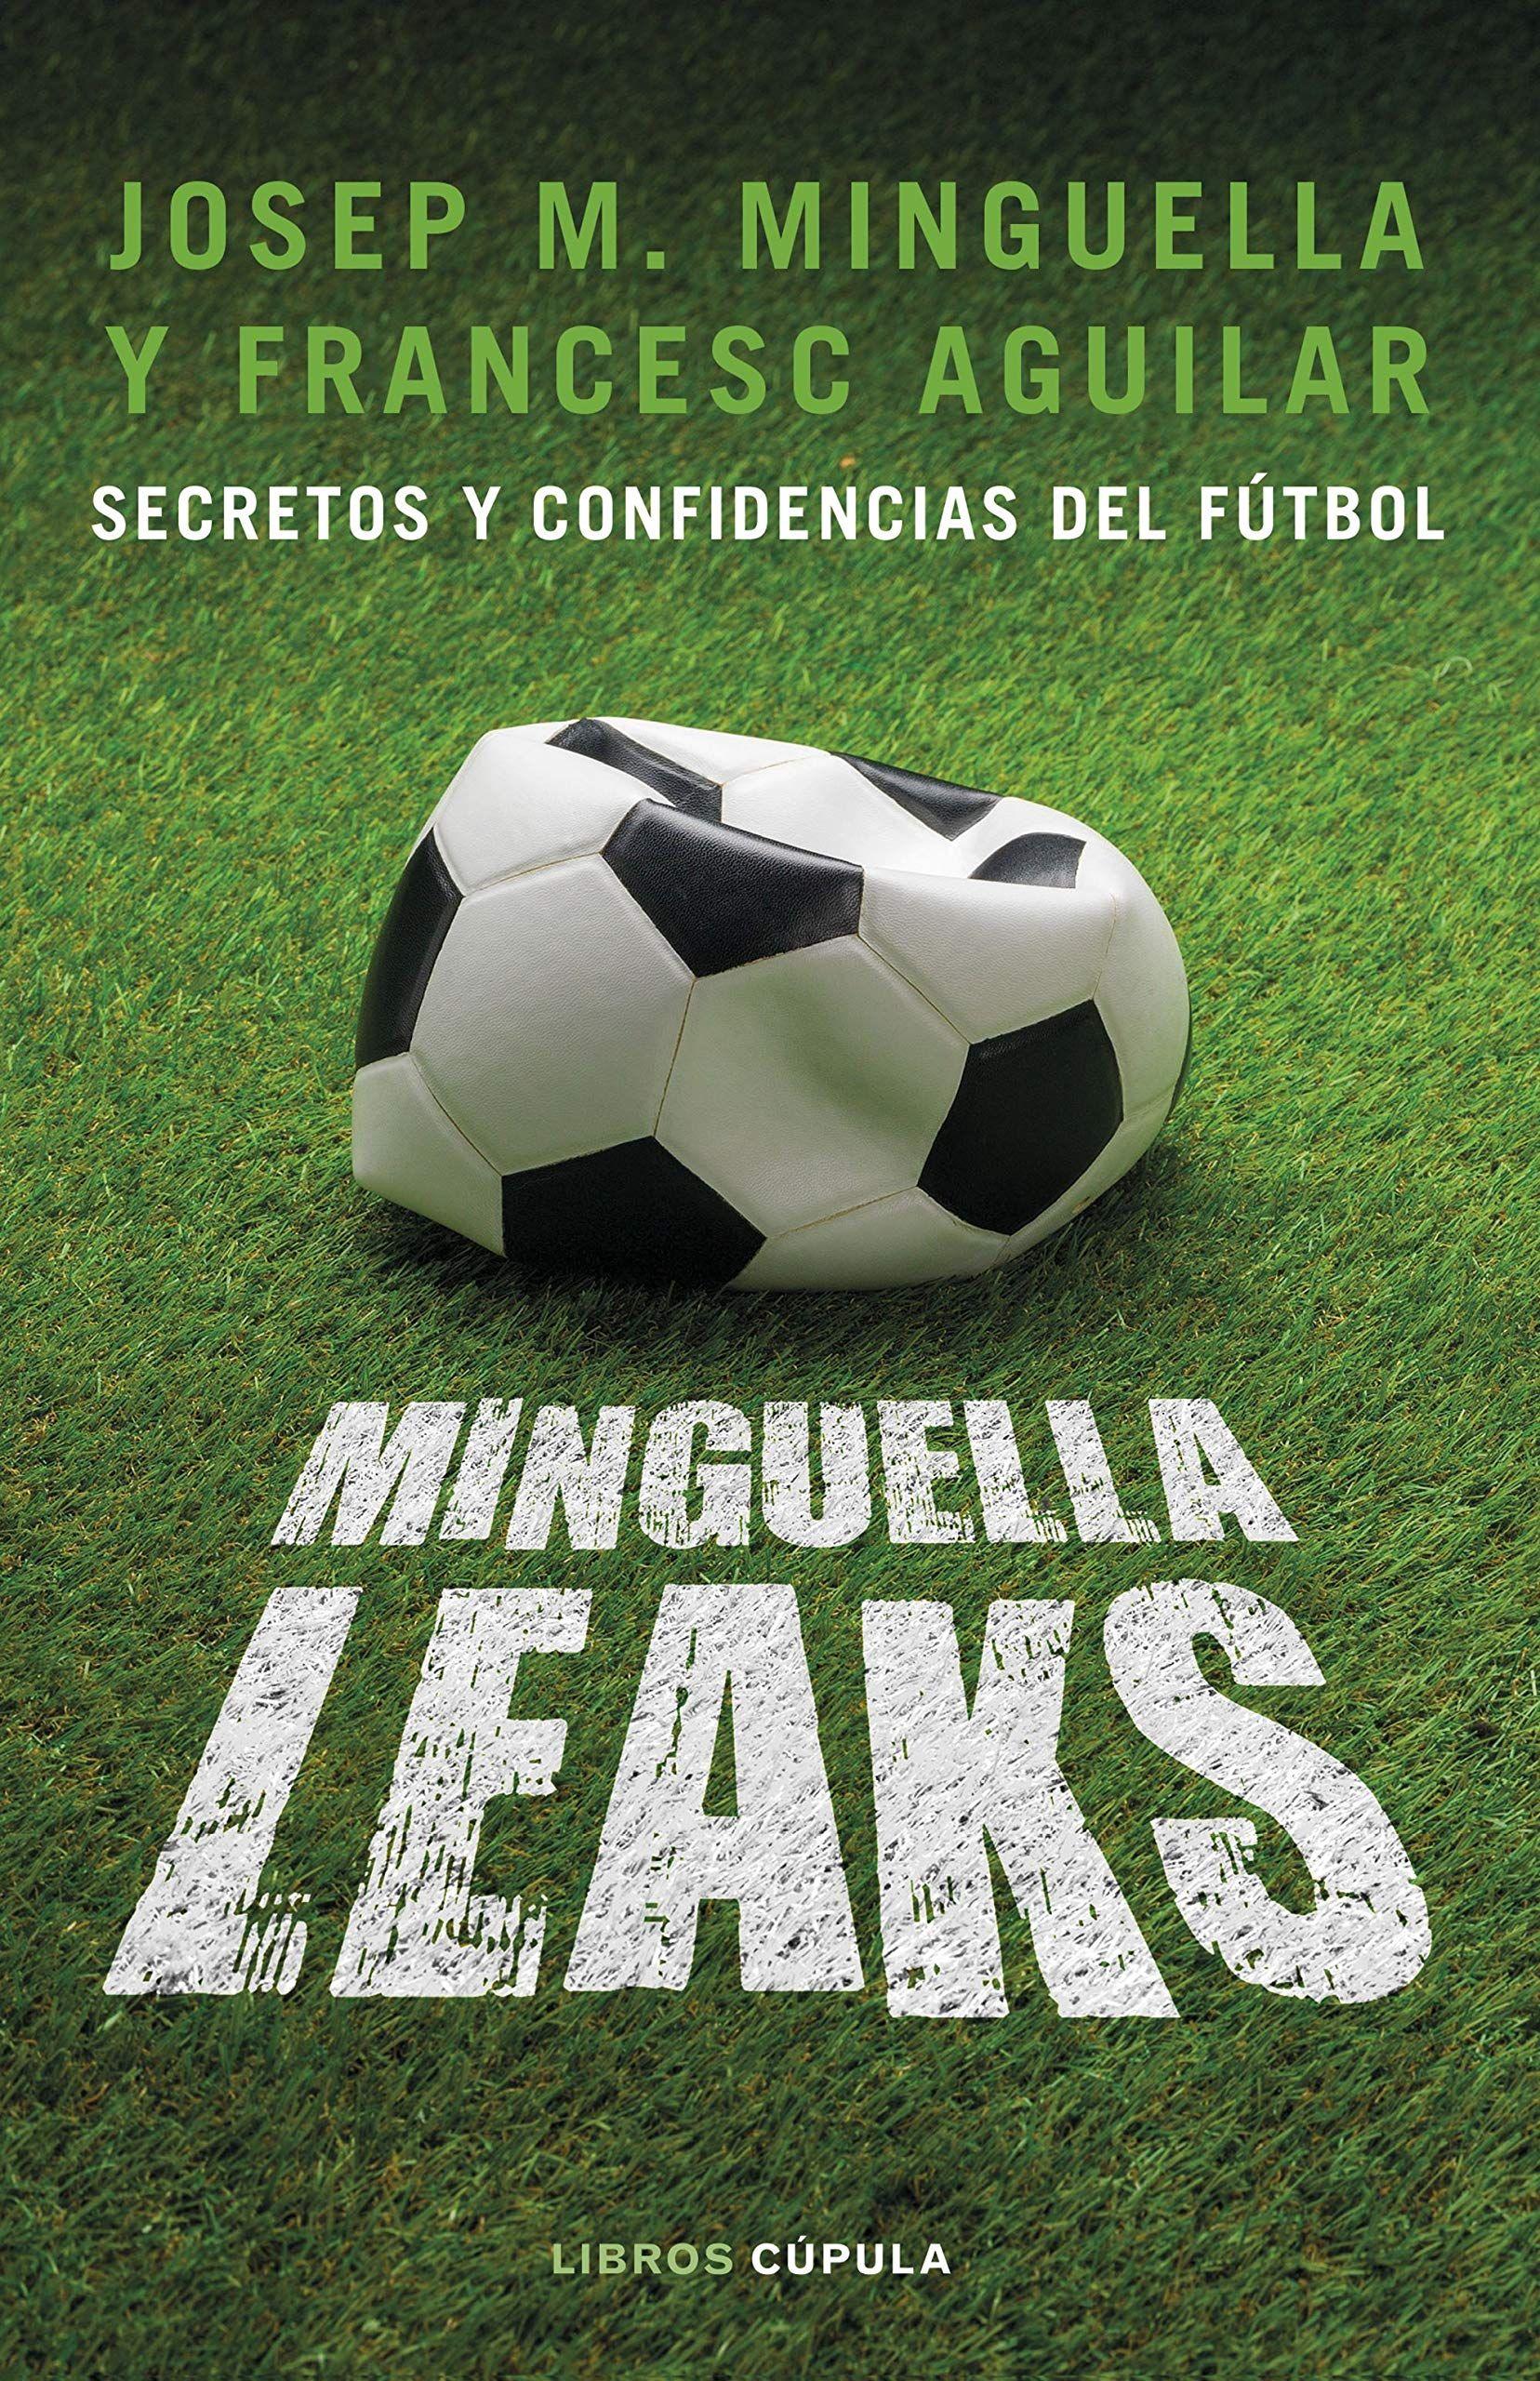 Cuando Josep Maria Minguella Habla De Fútbol Hay Que Escucharle Leer Libros Online Leer Libros Gratis Libros Para Leer